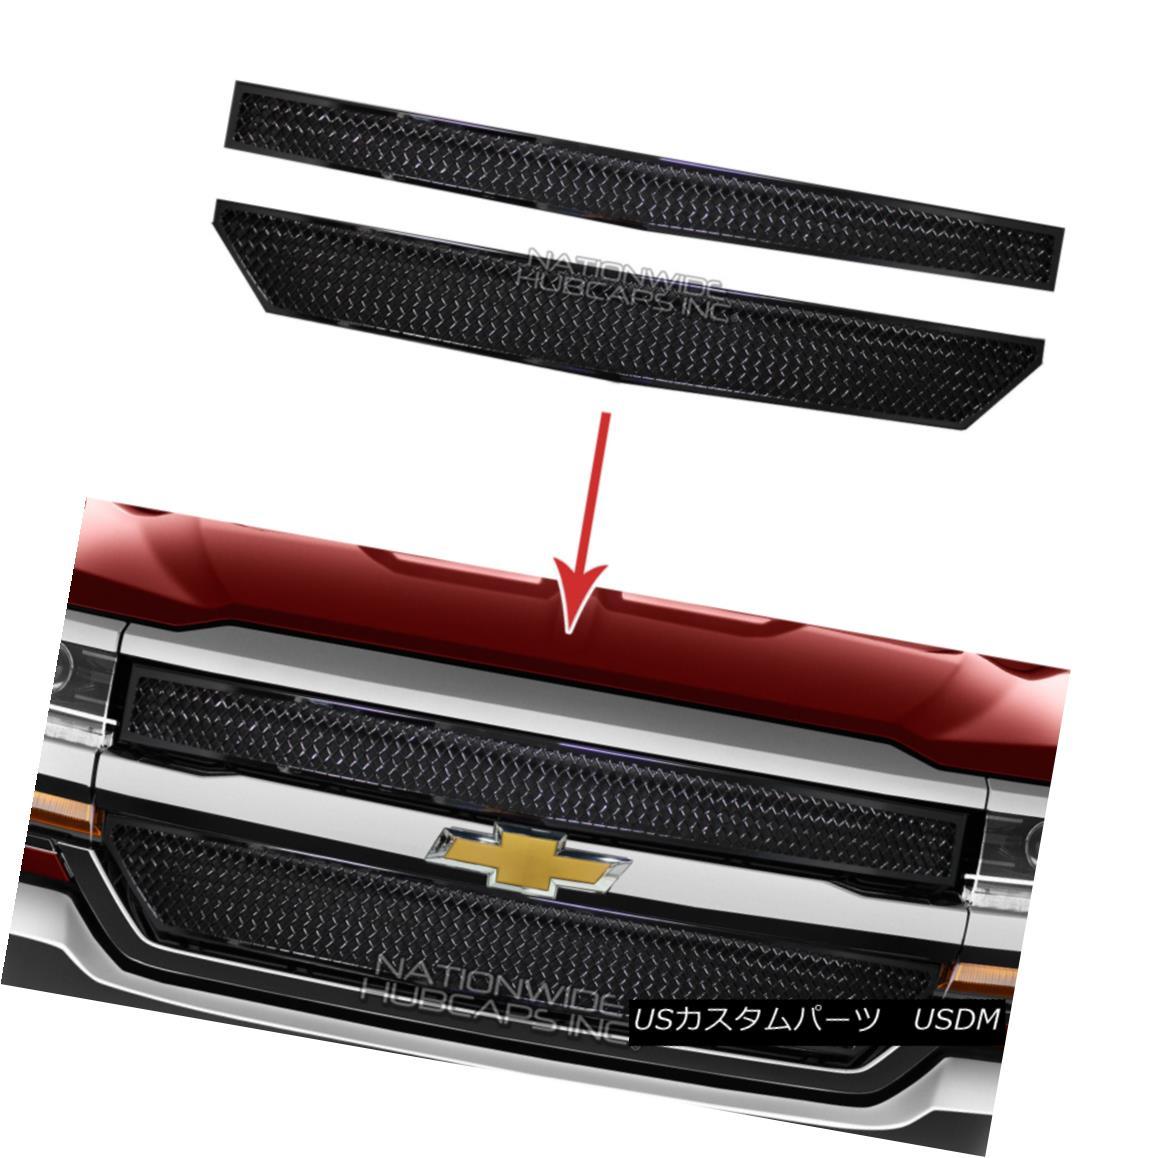 グリル 2016-18 Chevy Silverado 1500 Black Web Grille Overlay Front Grill Covers Inserts 2016-18 Chevy Silverado 1500ブラックウェブグリルオーバーレイフロントグリルカバーインサート